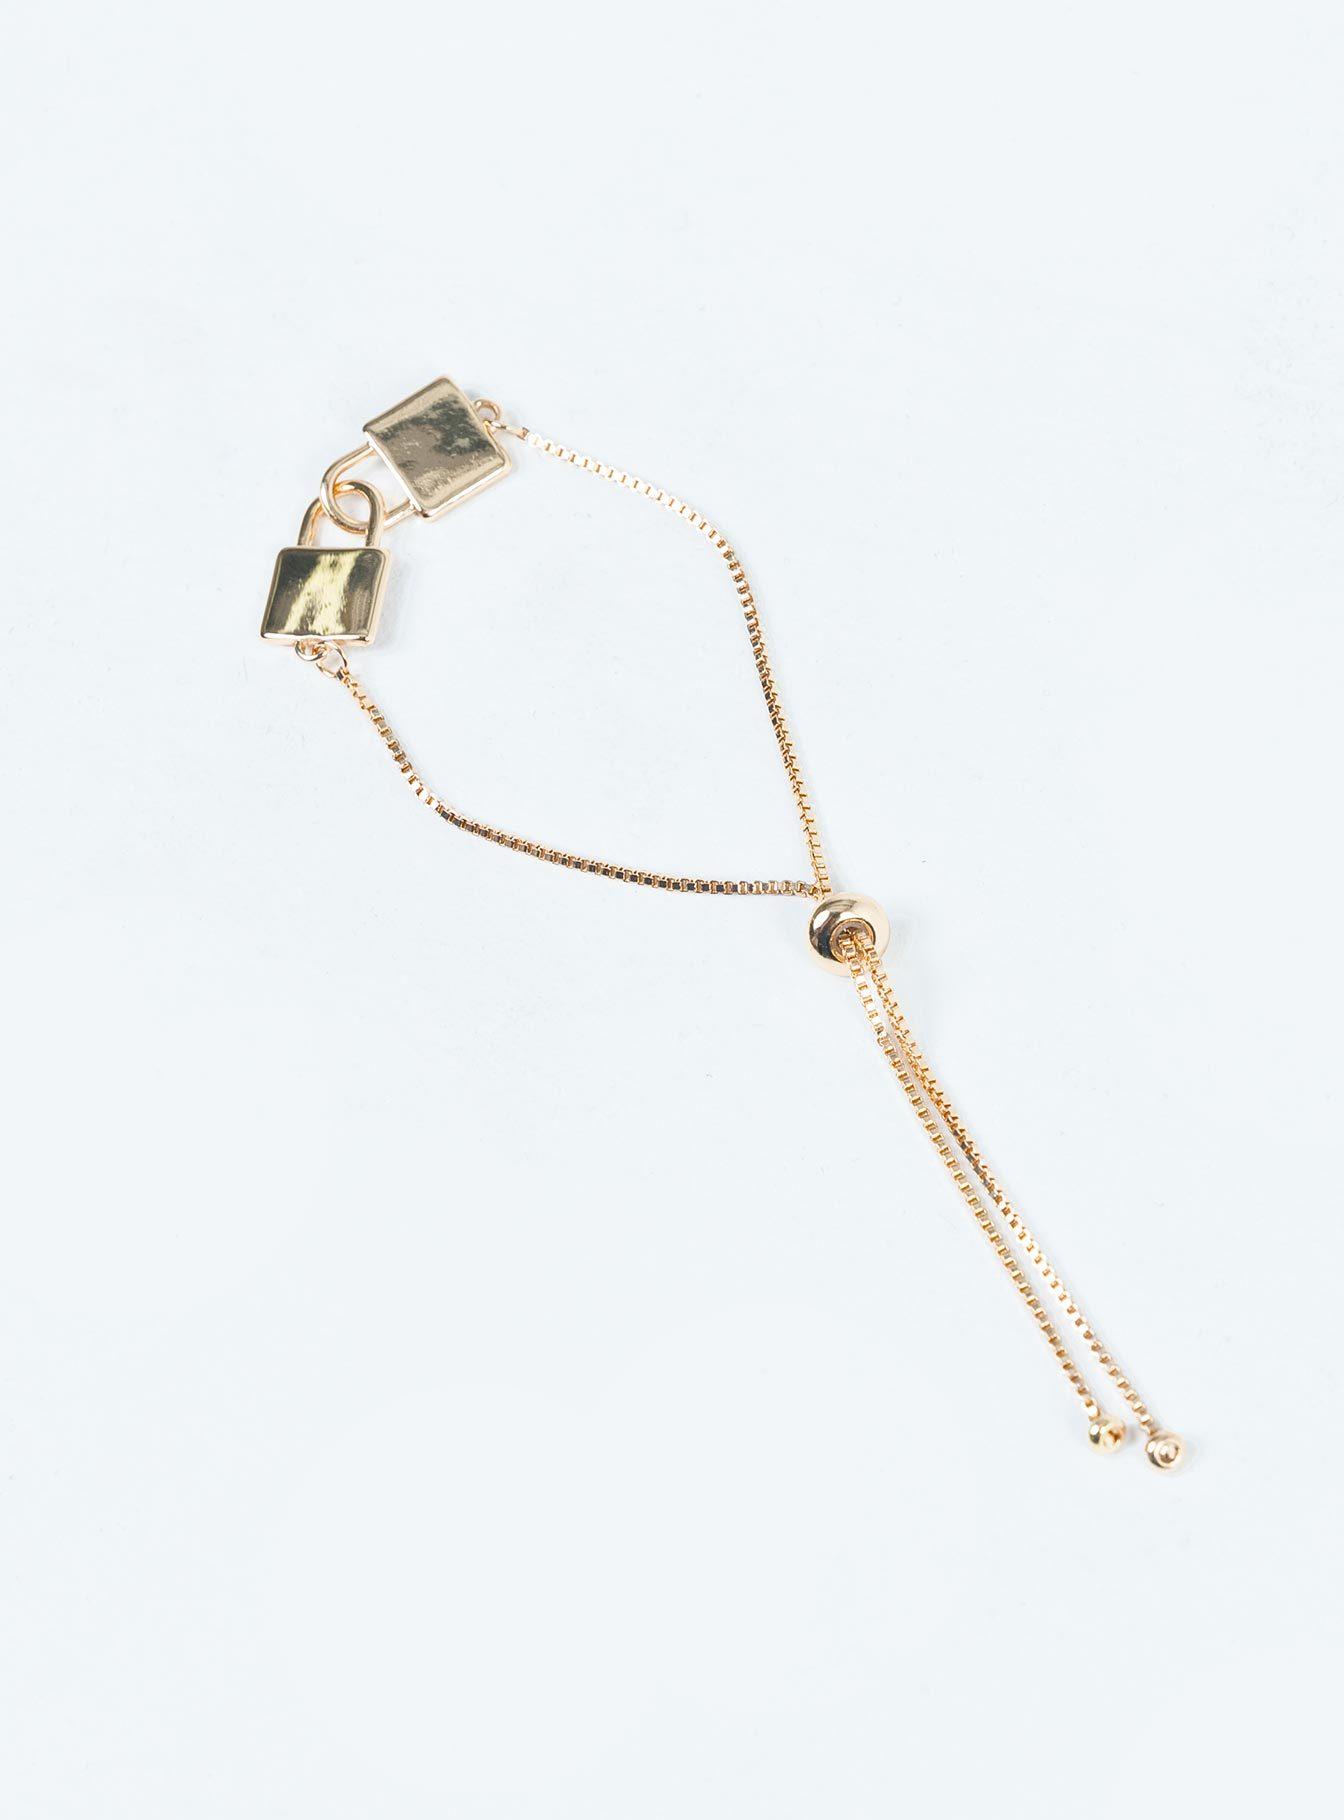 Bracelets & Cuffs (Side B)